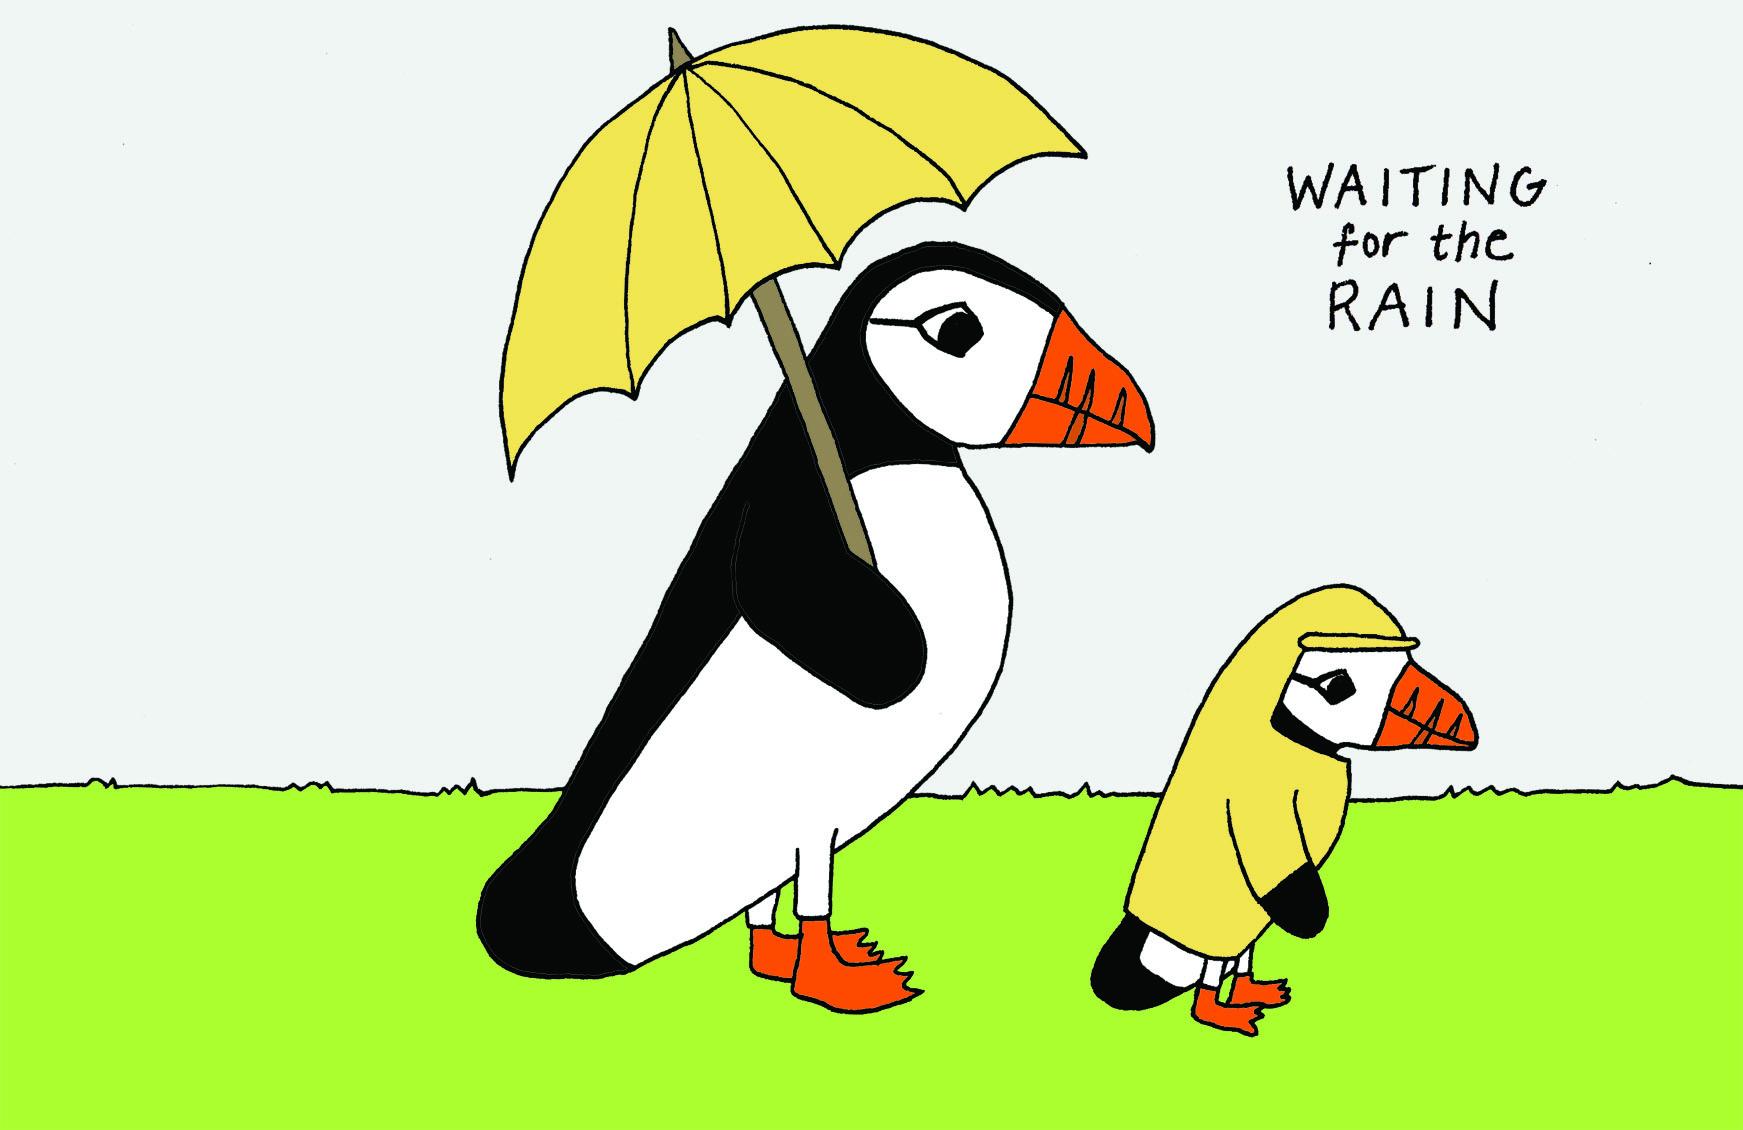 puffins_prepared_for_rain.jpg